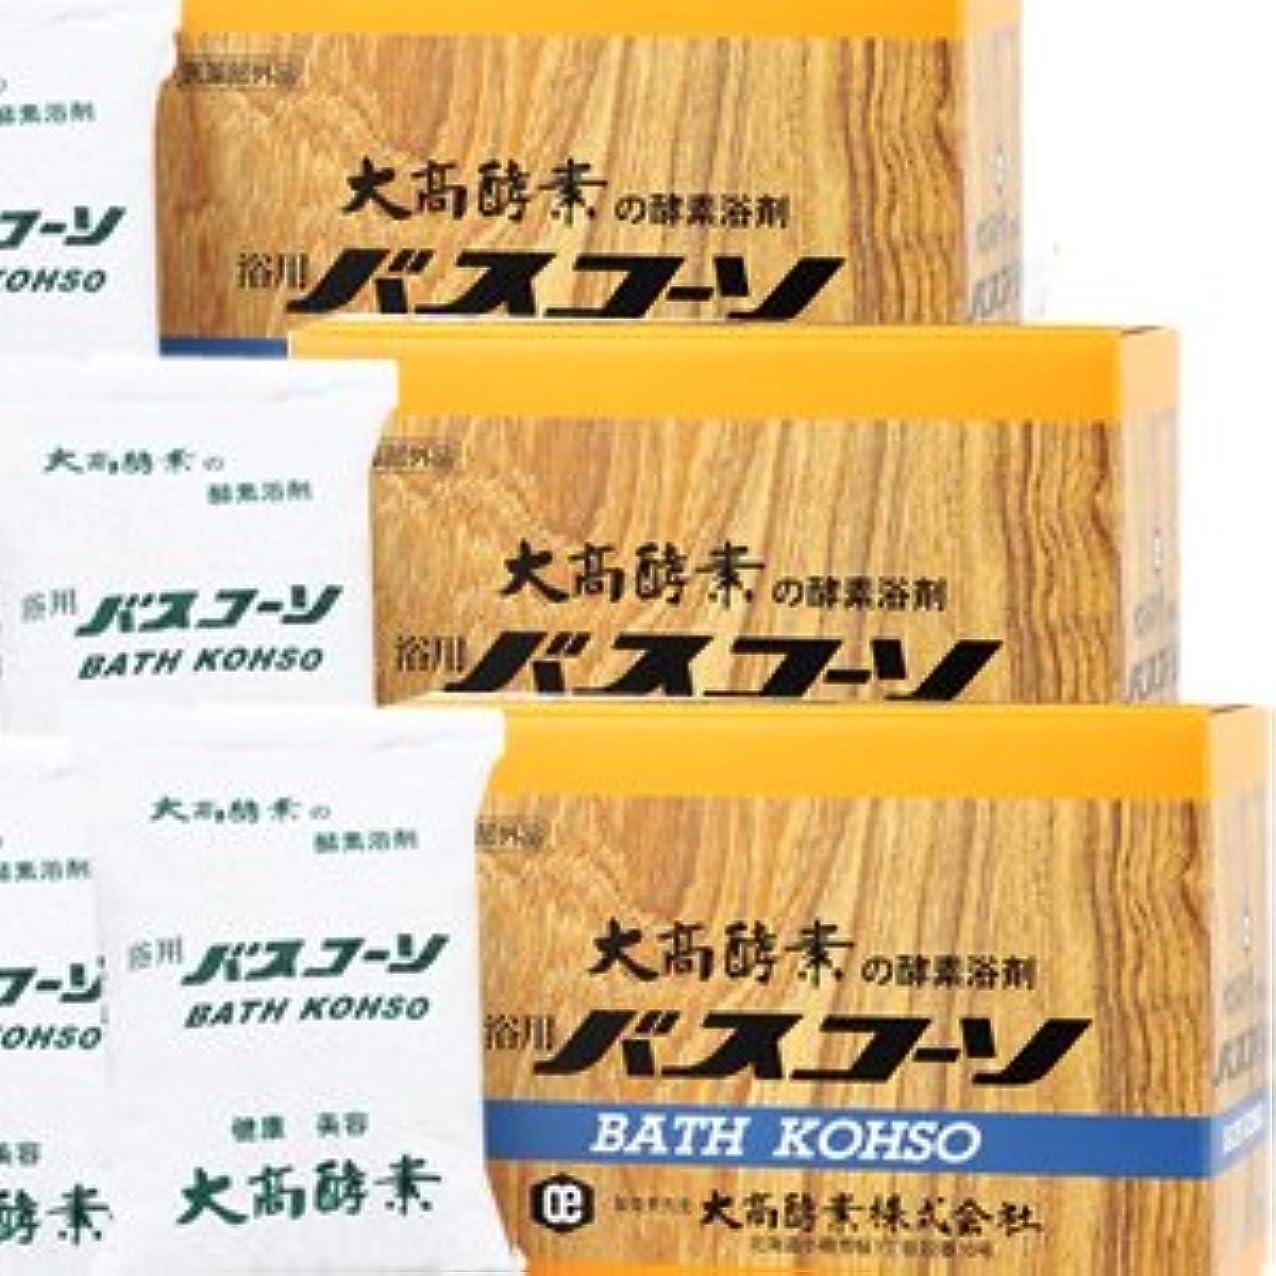 教室リーダーシップコジオスコ【3個】 大高酵素 バスコーソ酵素入浴剤(100g×6袋)x3個 4971578001095